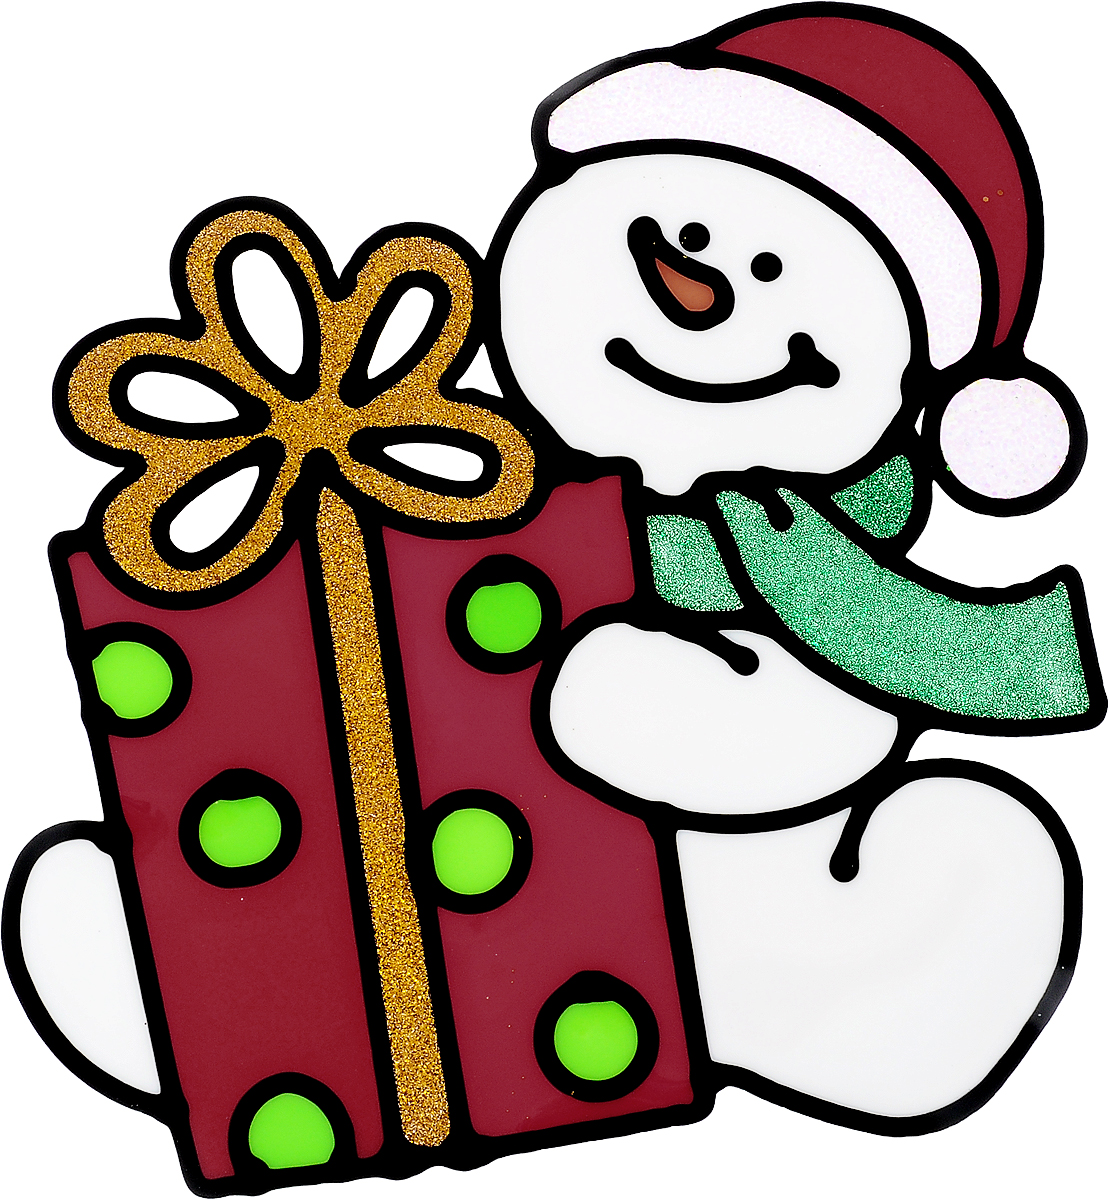 Украшение новогоднее оконное Winter Wings Снеговик с подарком, 16 х 17,5 смN09238Новогоднее оконное украшение Winter Wings Снеговик с подарком поможет украсить дом к предстоящим праздникам. Наклейка изготовлена из ПВХ.С помощью этих украшений вы сможете оживить интерьер по своему вкусу, наклеить их на окно, на зеркало или на дверь.Новогодние украшения всегда несут в себе волшебство и красоту праздника. Создайте в своем доме атмосферу тепла, веселья и радости, украшая его всей семьей. Размер наклейки: 18 х 17,5 см.